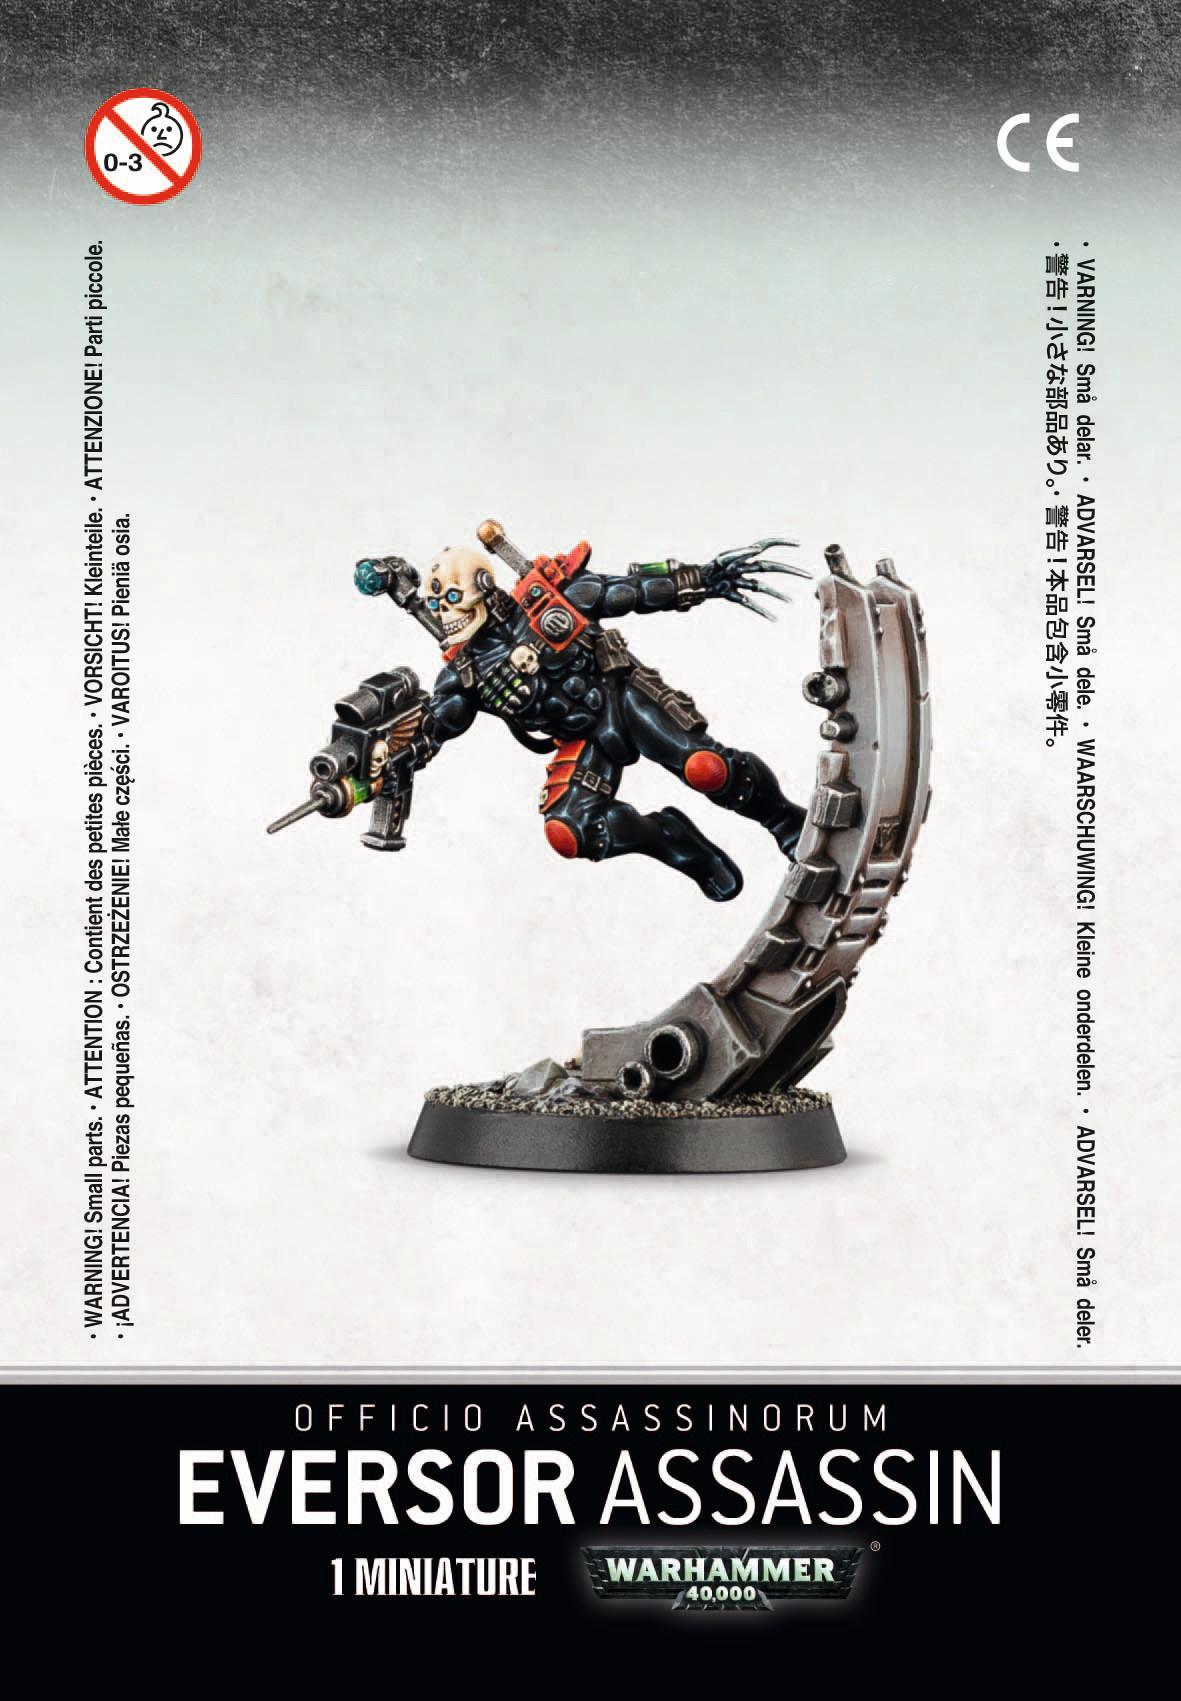 Warhammer 40k OFFICIO ASSASSINORUM EVERSOR ASSASSIN